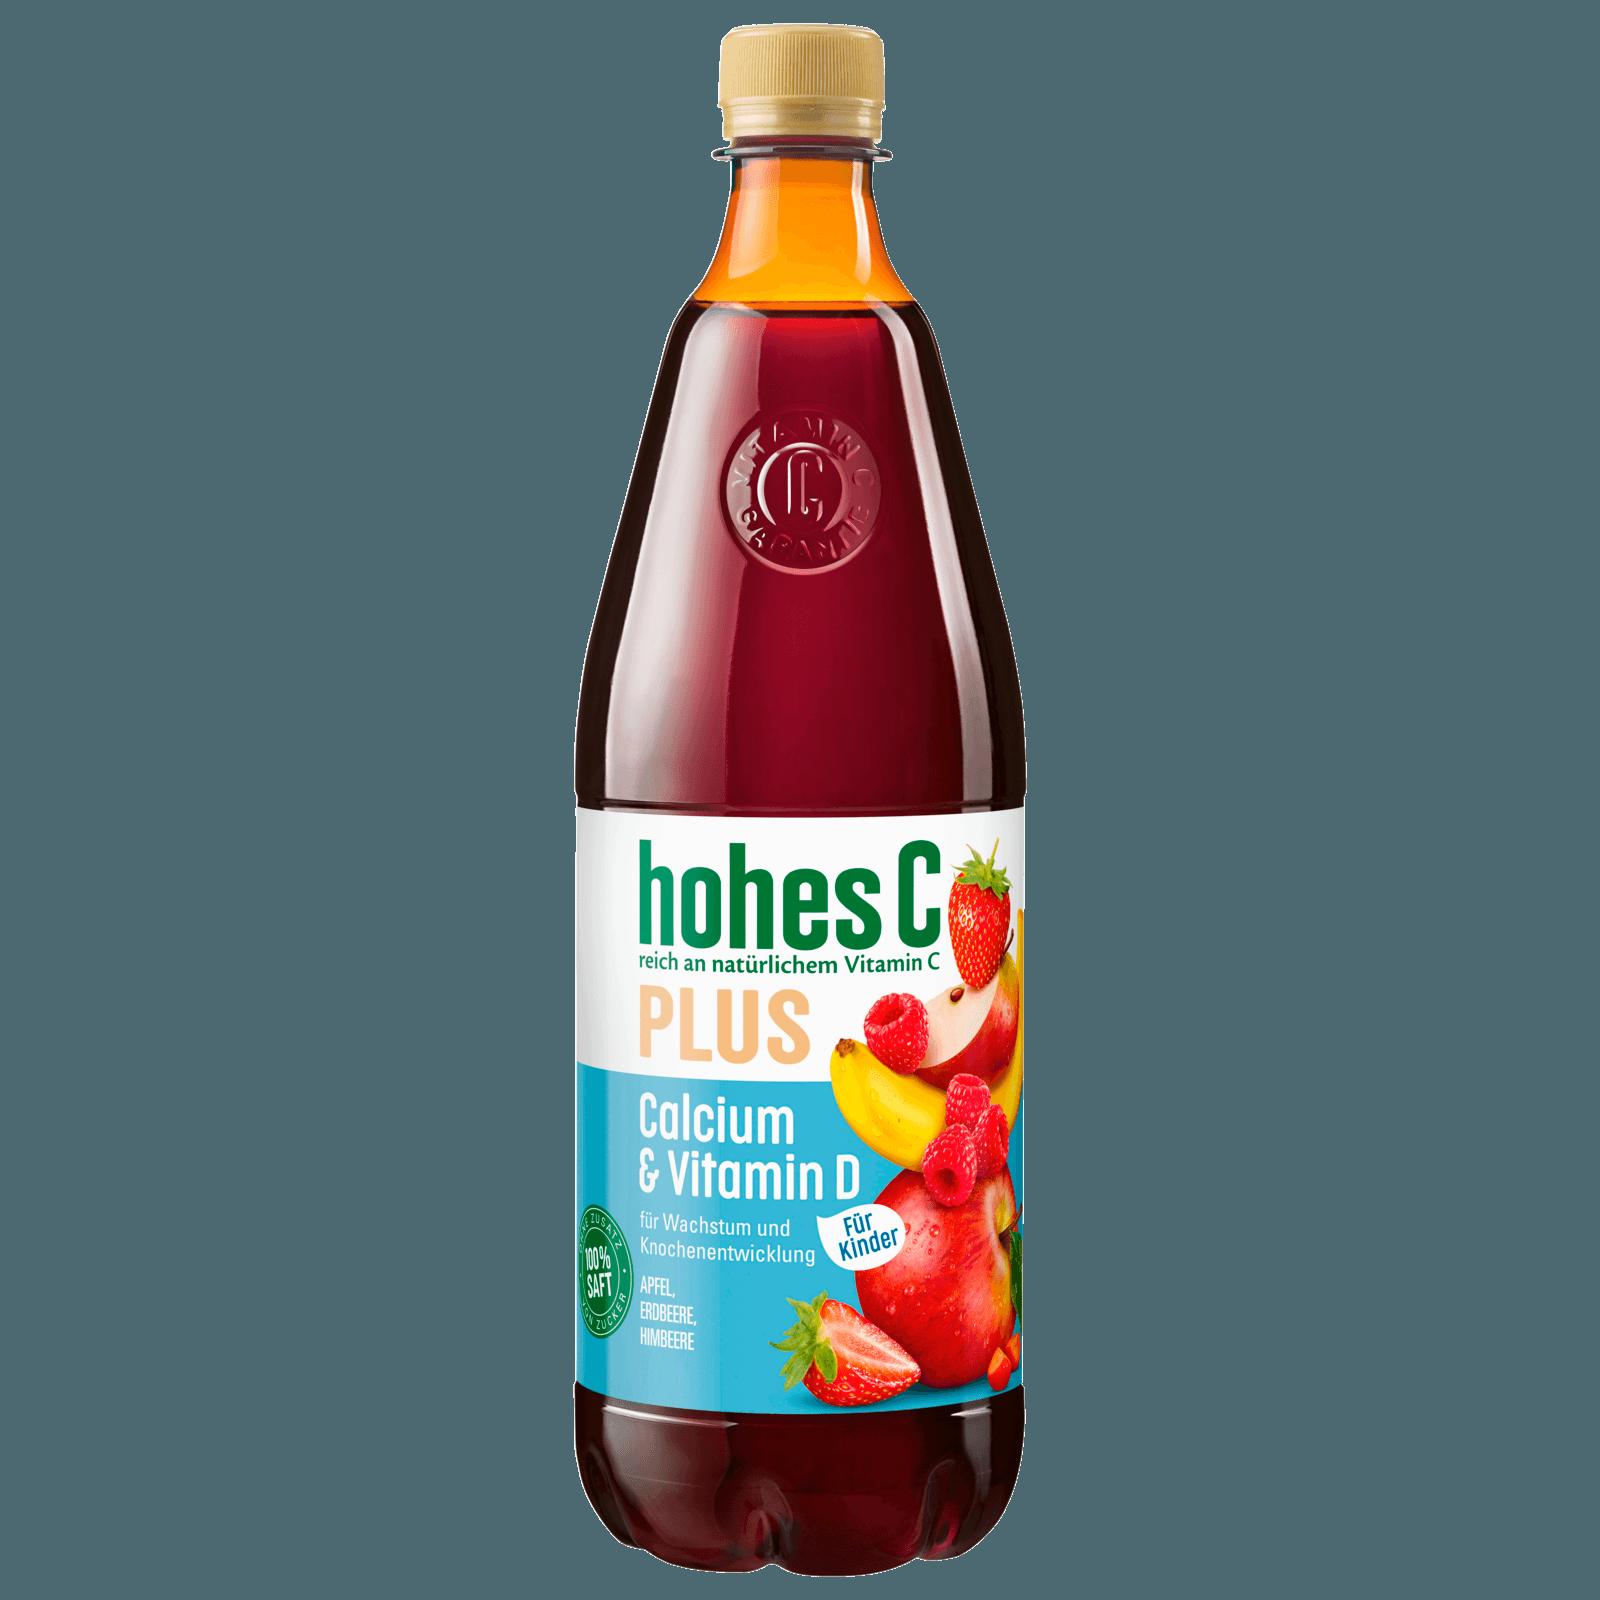 Hohes C Plus Calcium & Vitamin D 1l